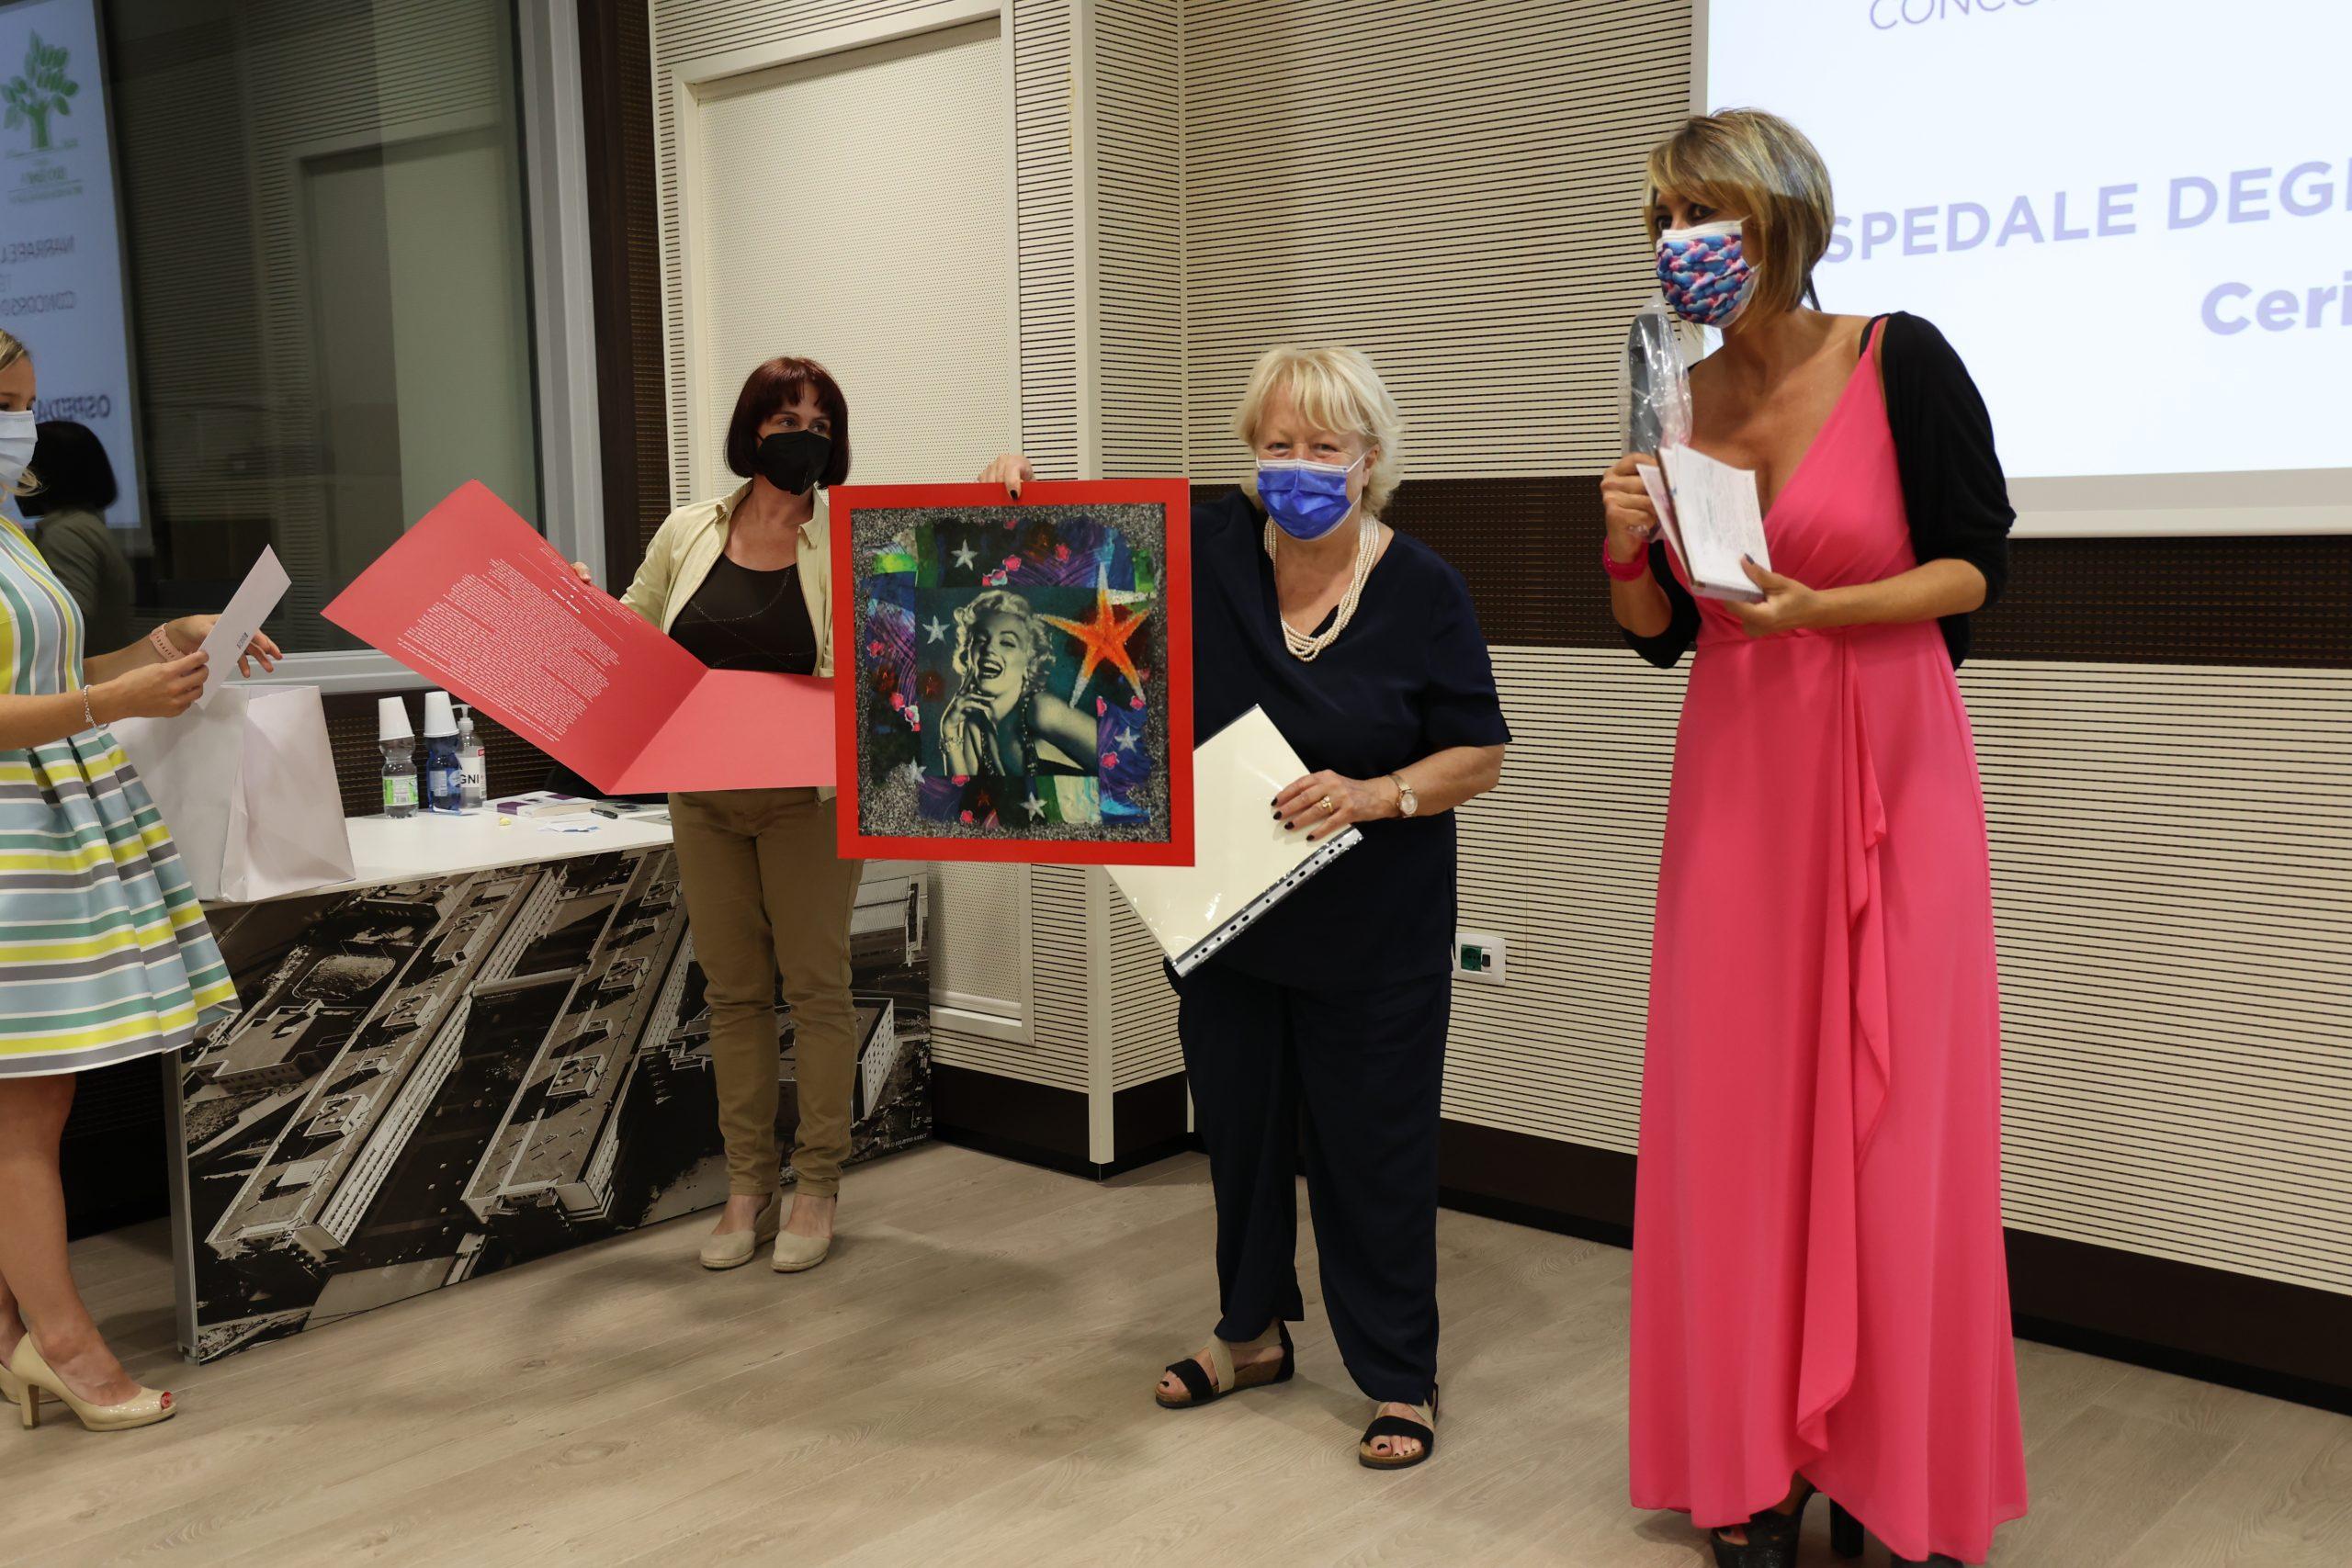 La poetessa Manuela Melissano alla premiazione dell'edizione 2021 del concorso letterario Gim, fra sogno e realtà del Fondo Edo Tempia di Biella.